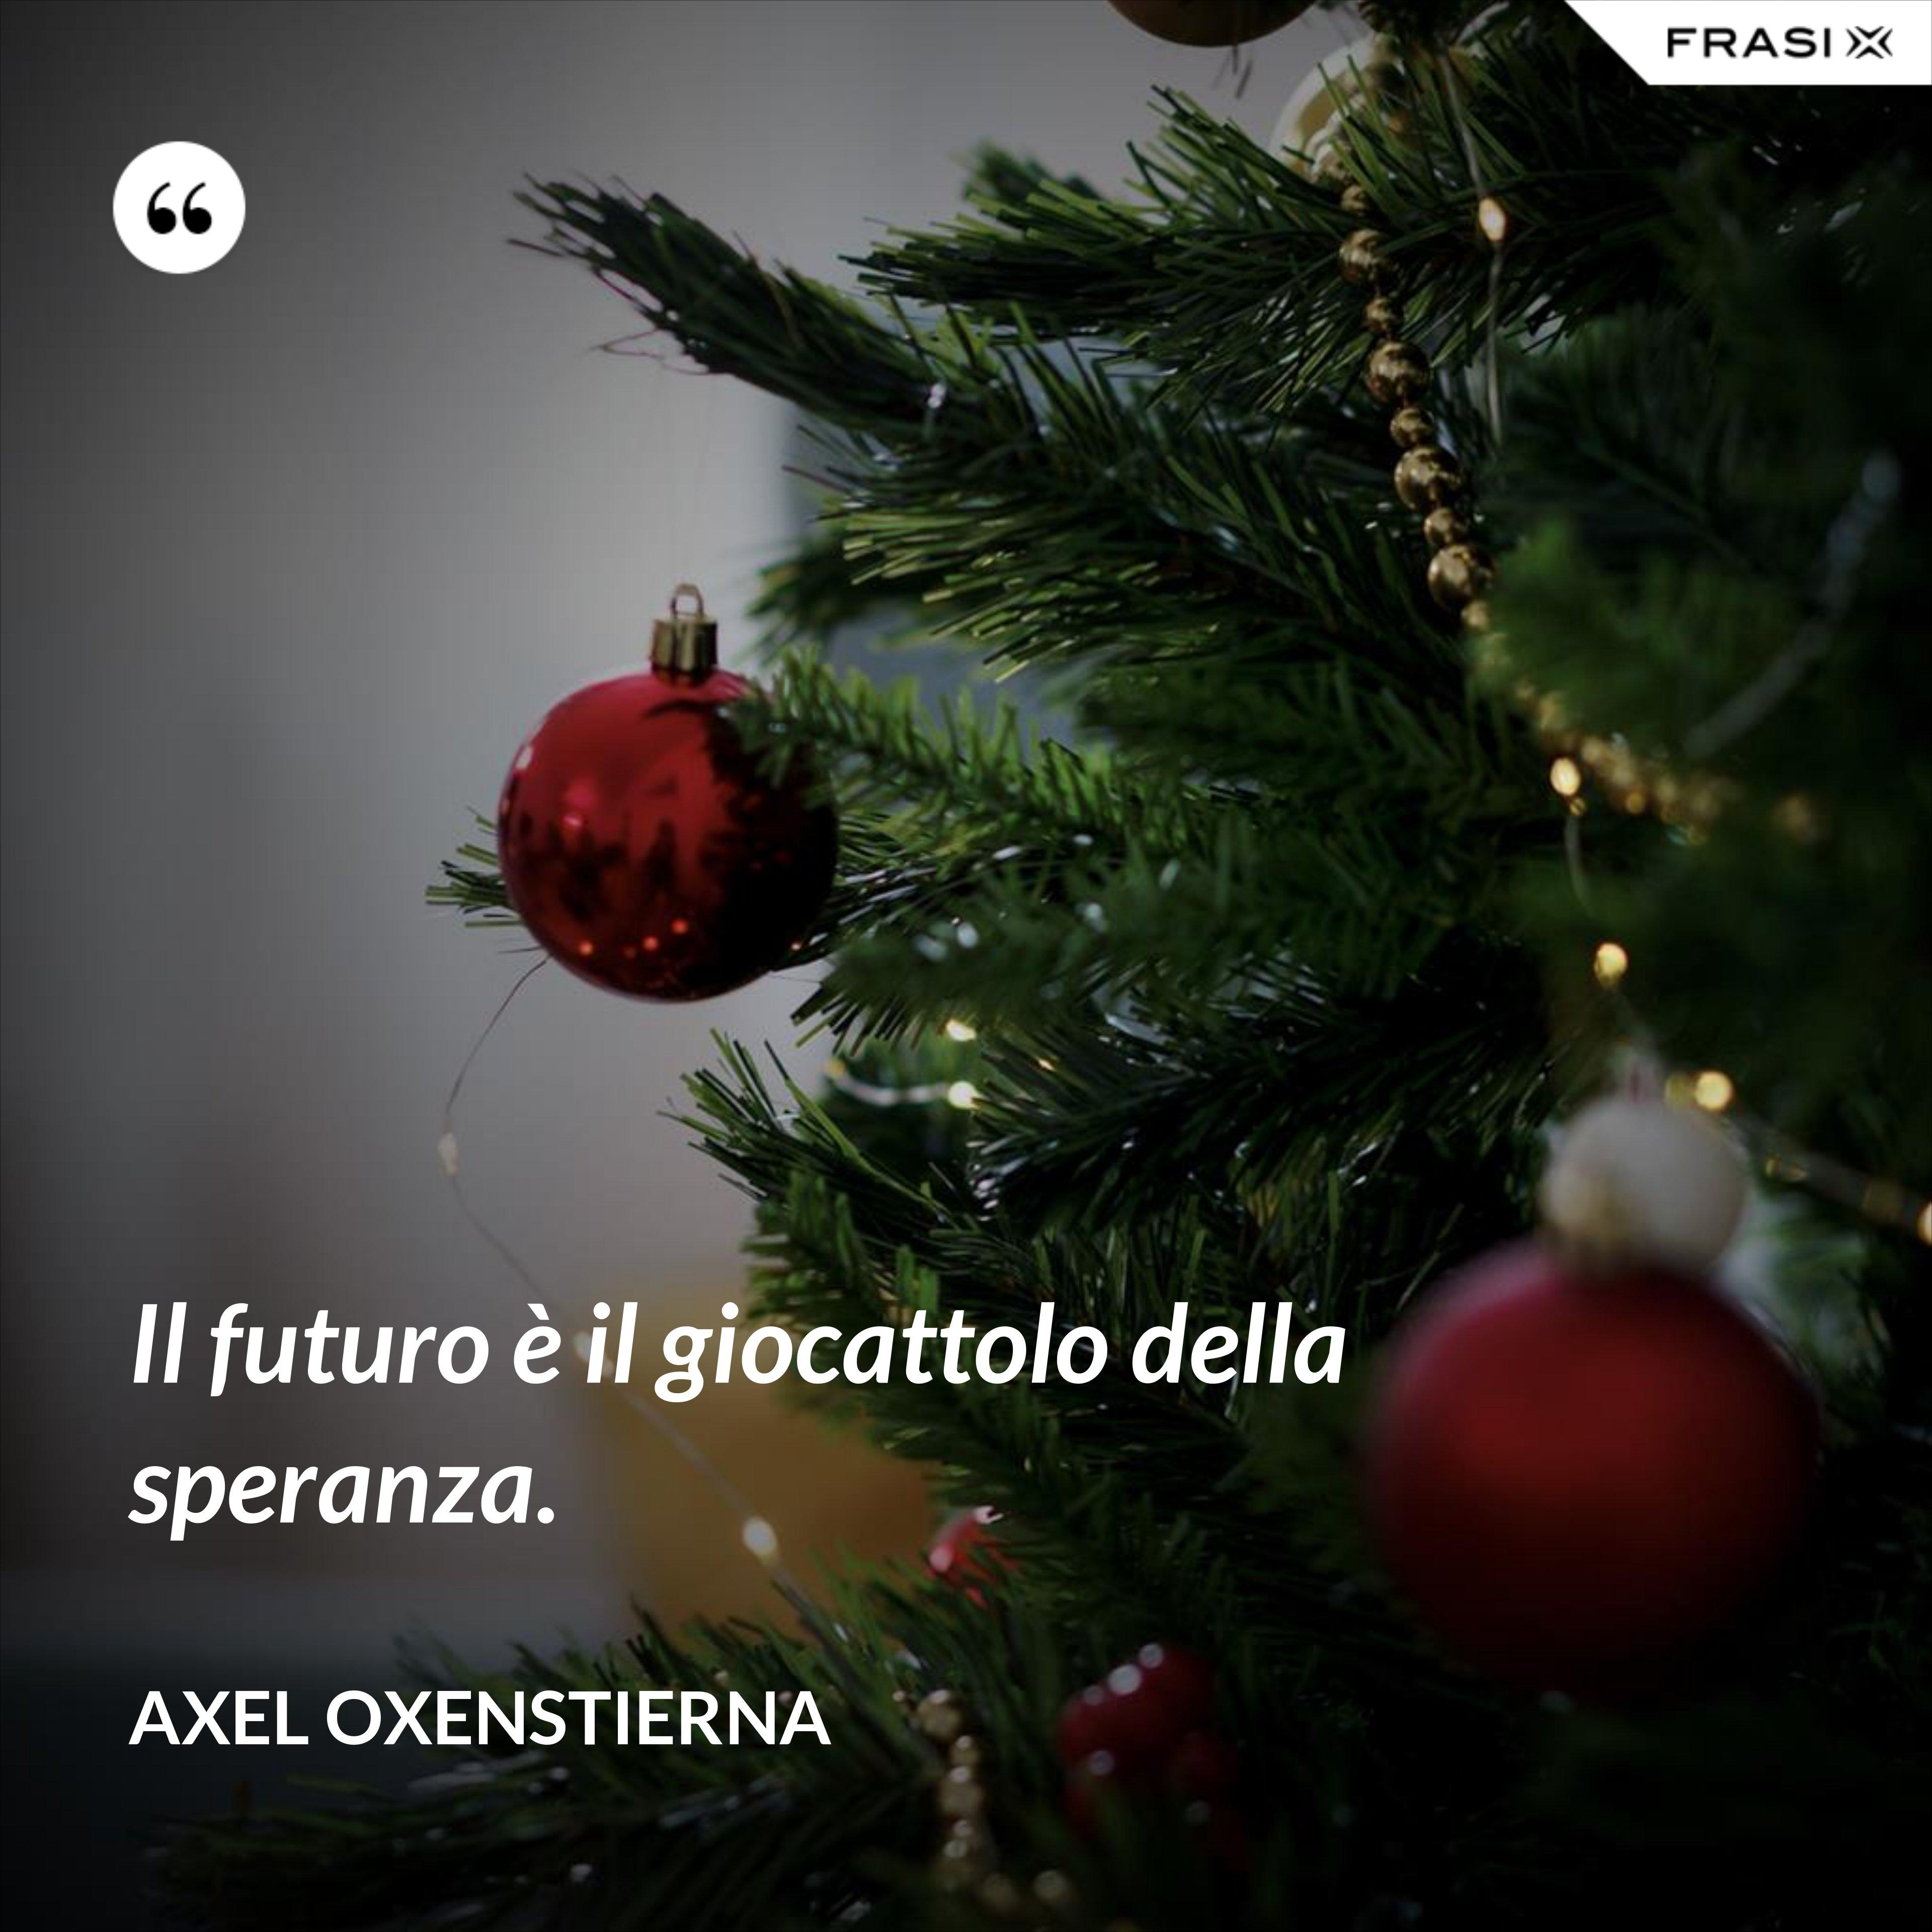 Il futuro è il giocattolo della speranza. - Axel Oxenstierna